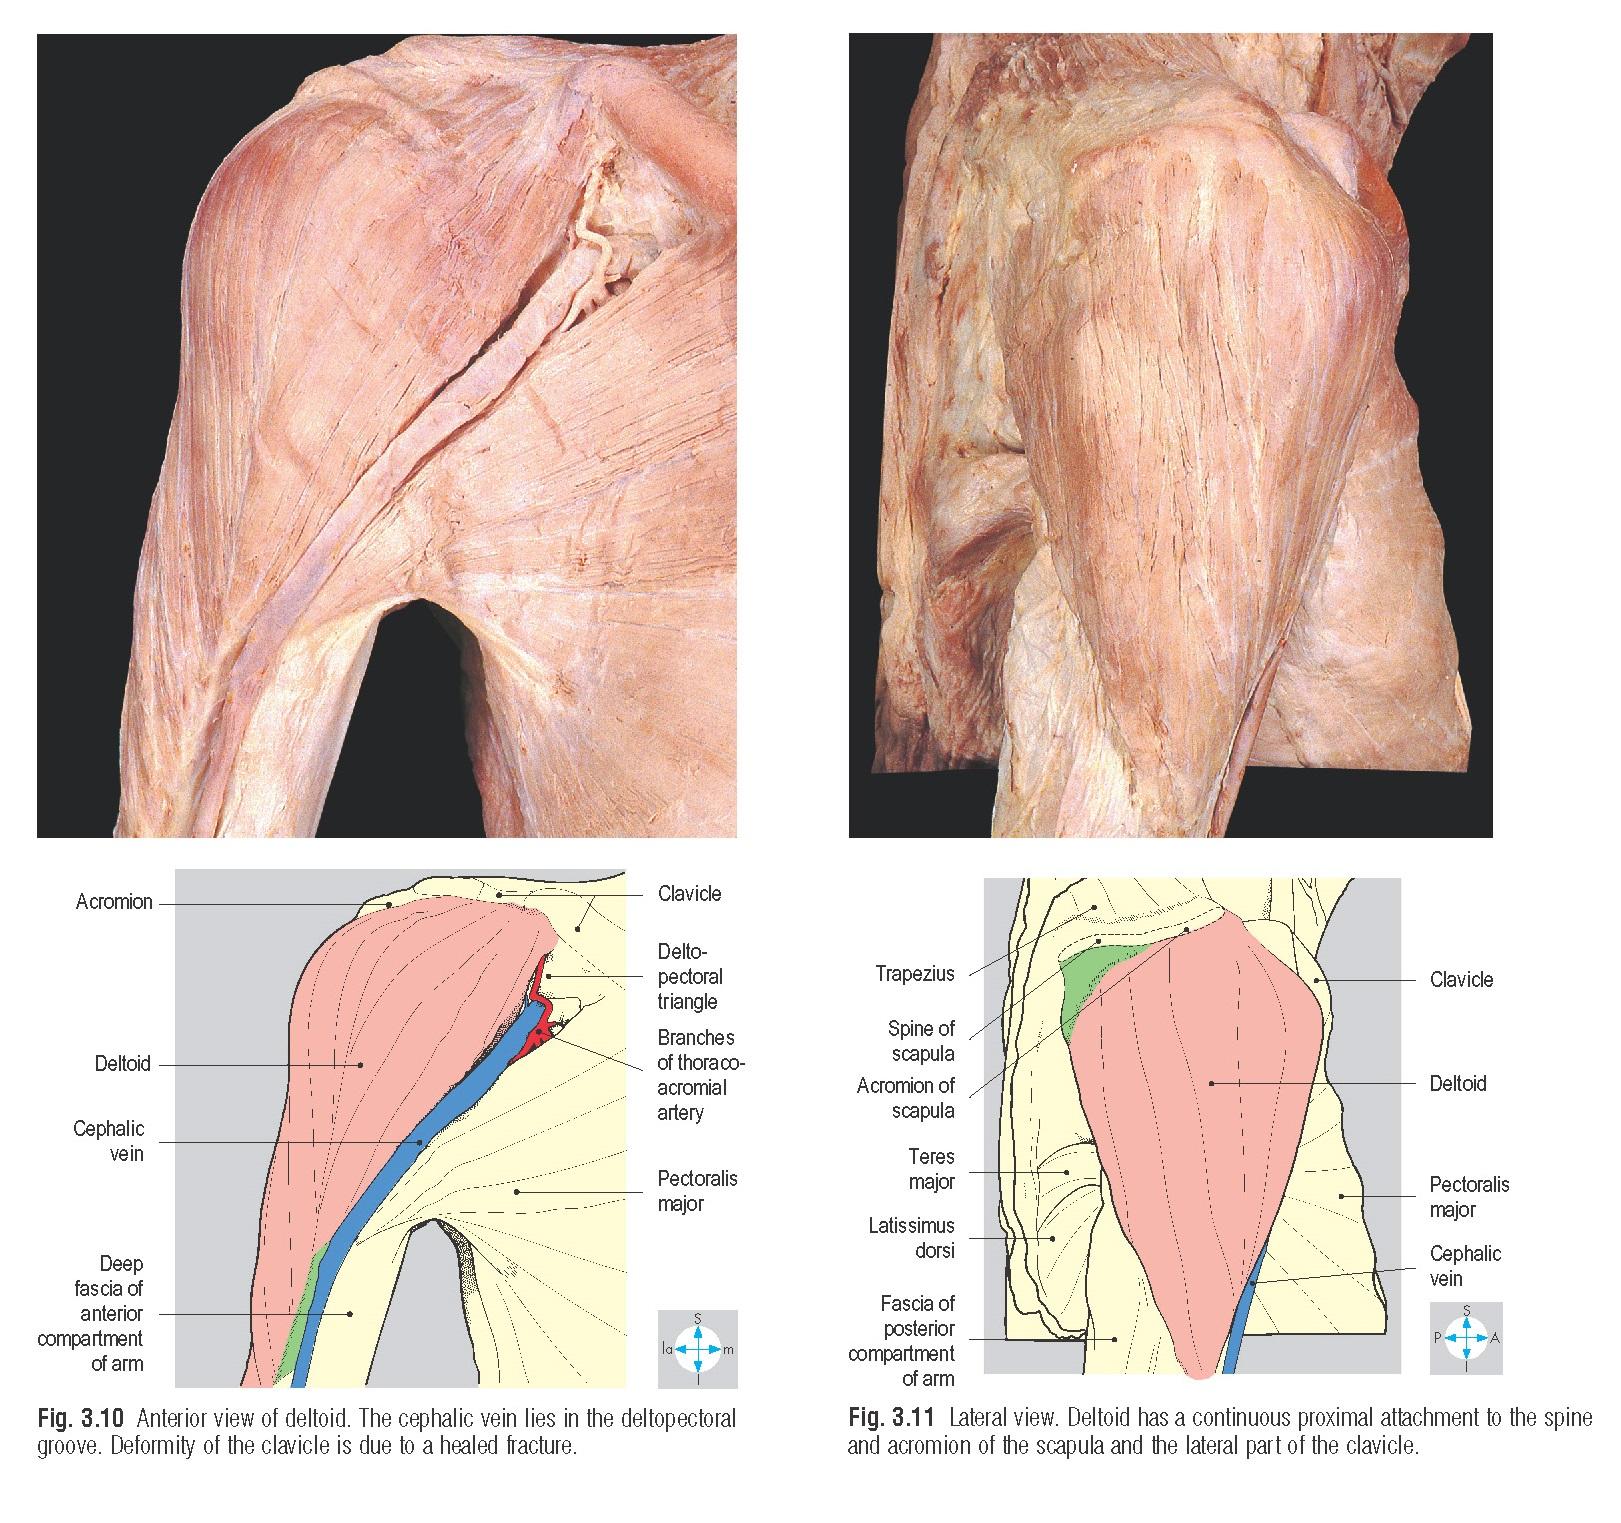 Axillary nerve